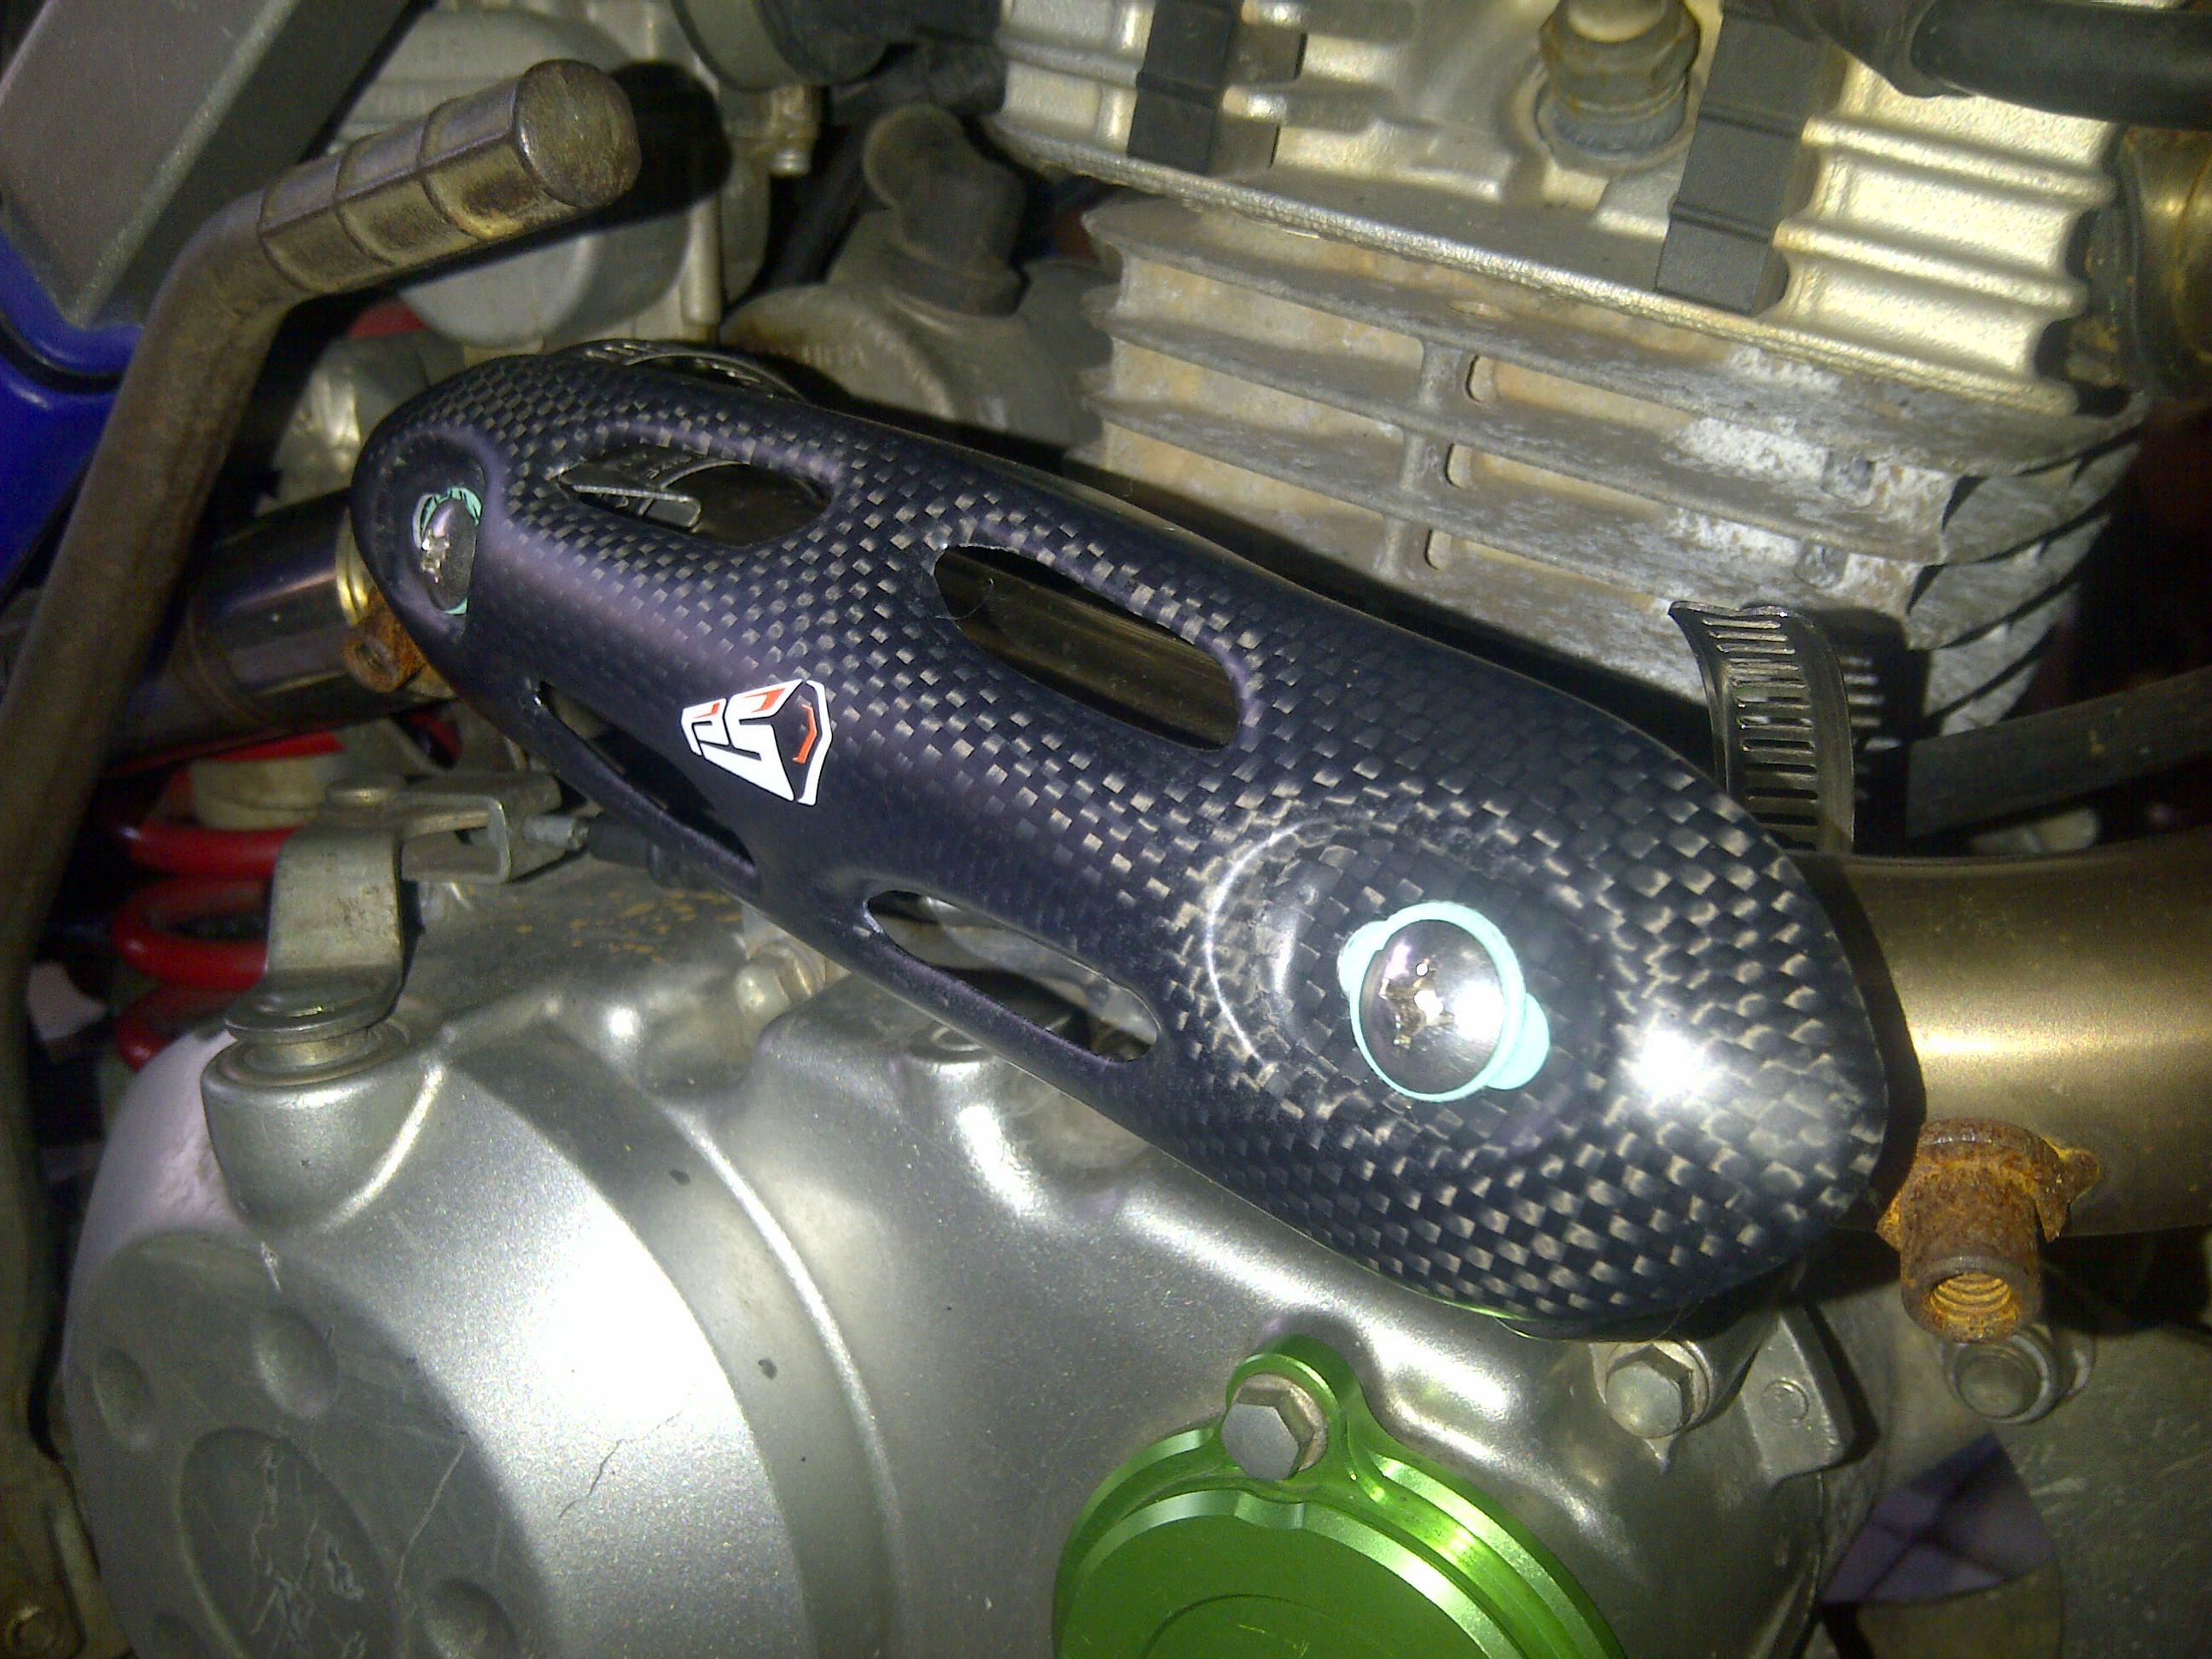 IMG 20140919 00204 HeAT protection carbon kevlar merk pro speed hrg 435 rb untuk semua motor trail khusus 4 stroke